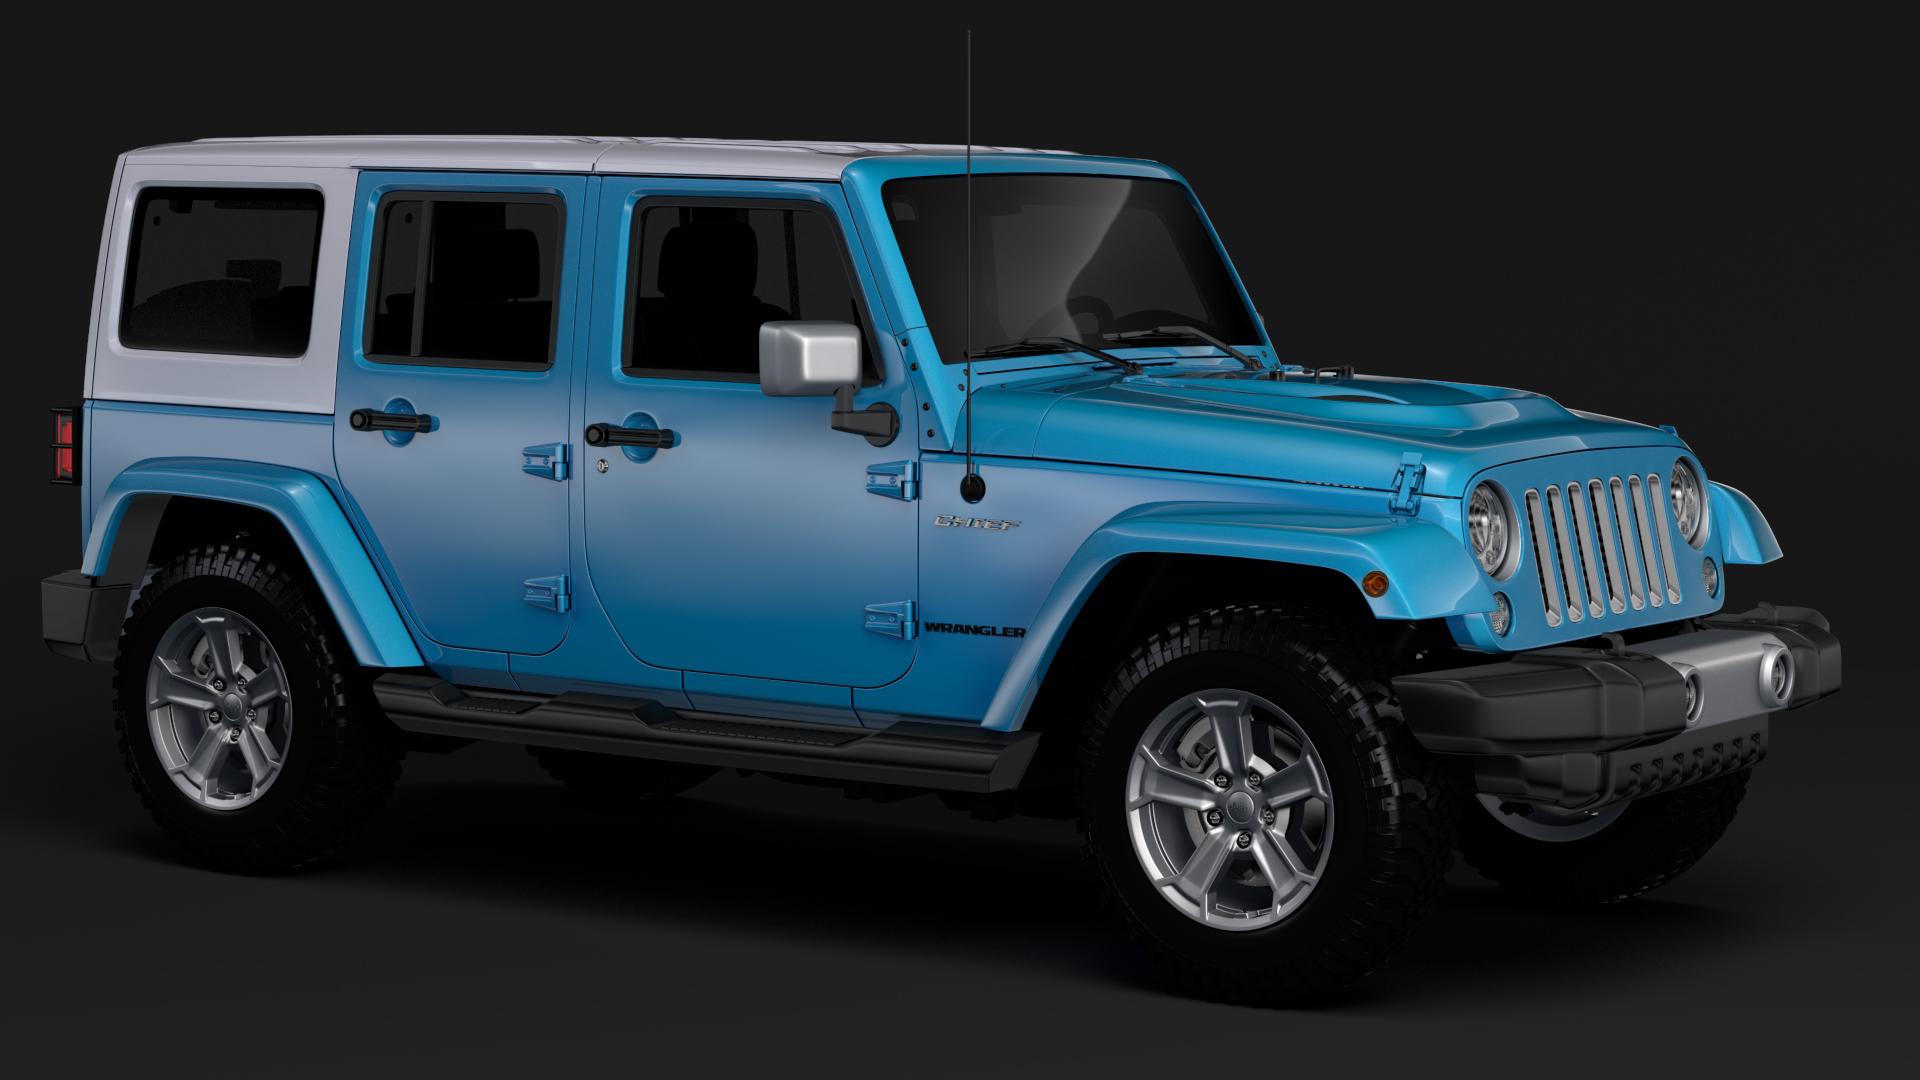 jeep wrangler unlimited chief jk 2017 3d model max fbx c4d lwo ma mb hrc xsi obj 276971